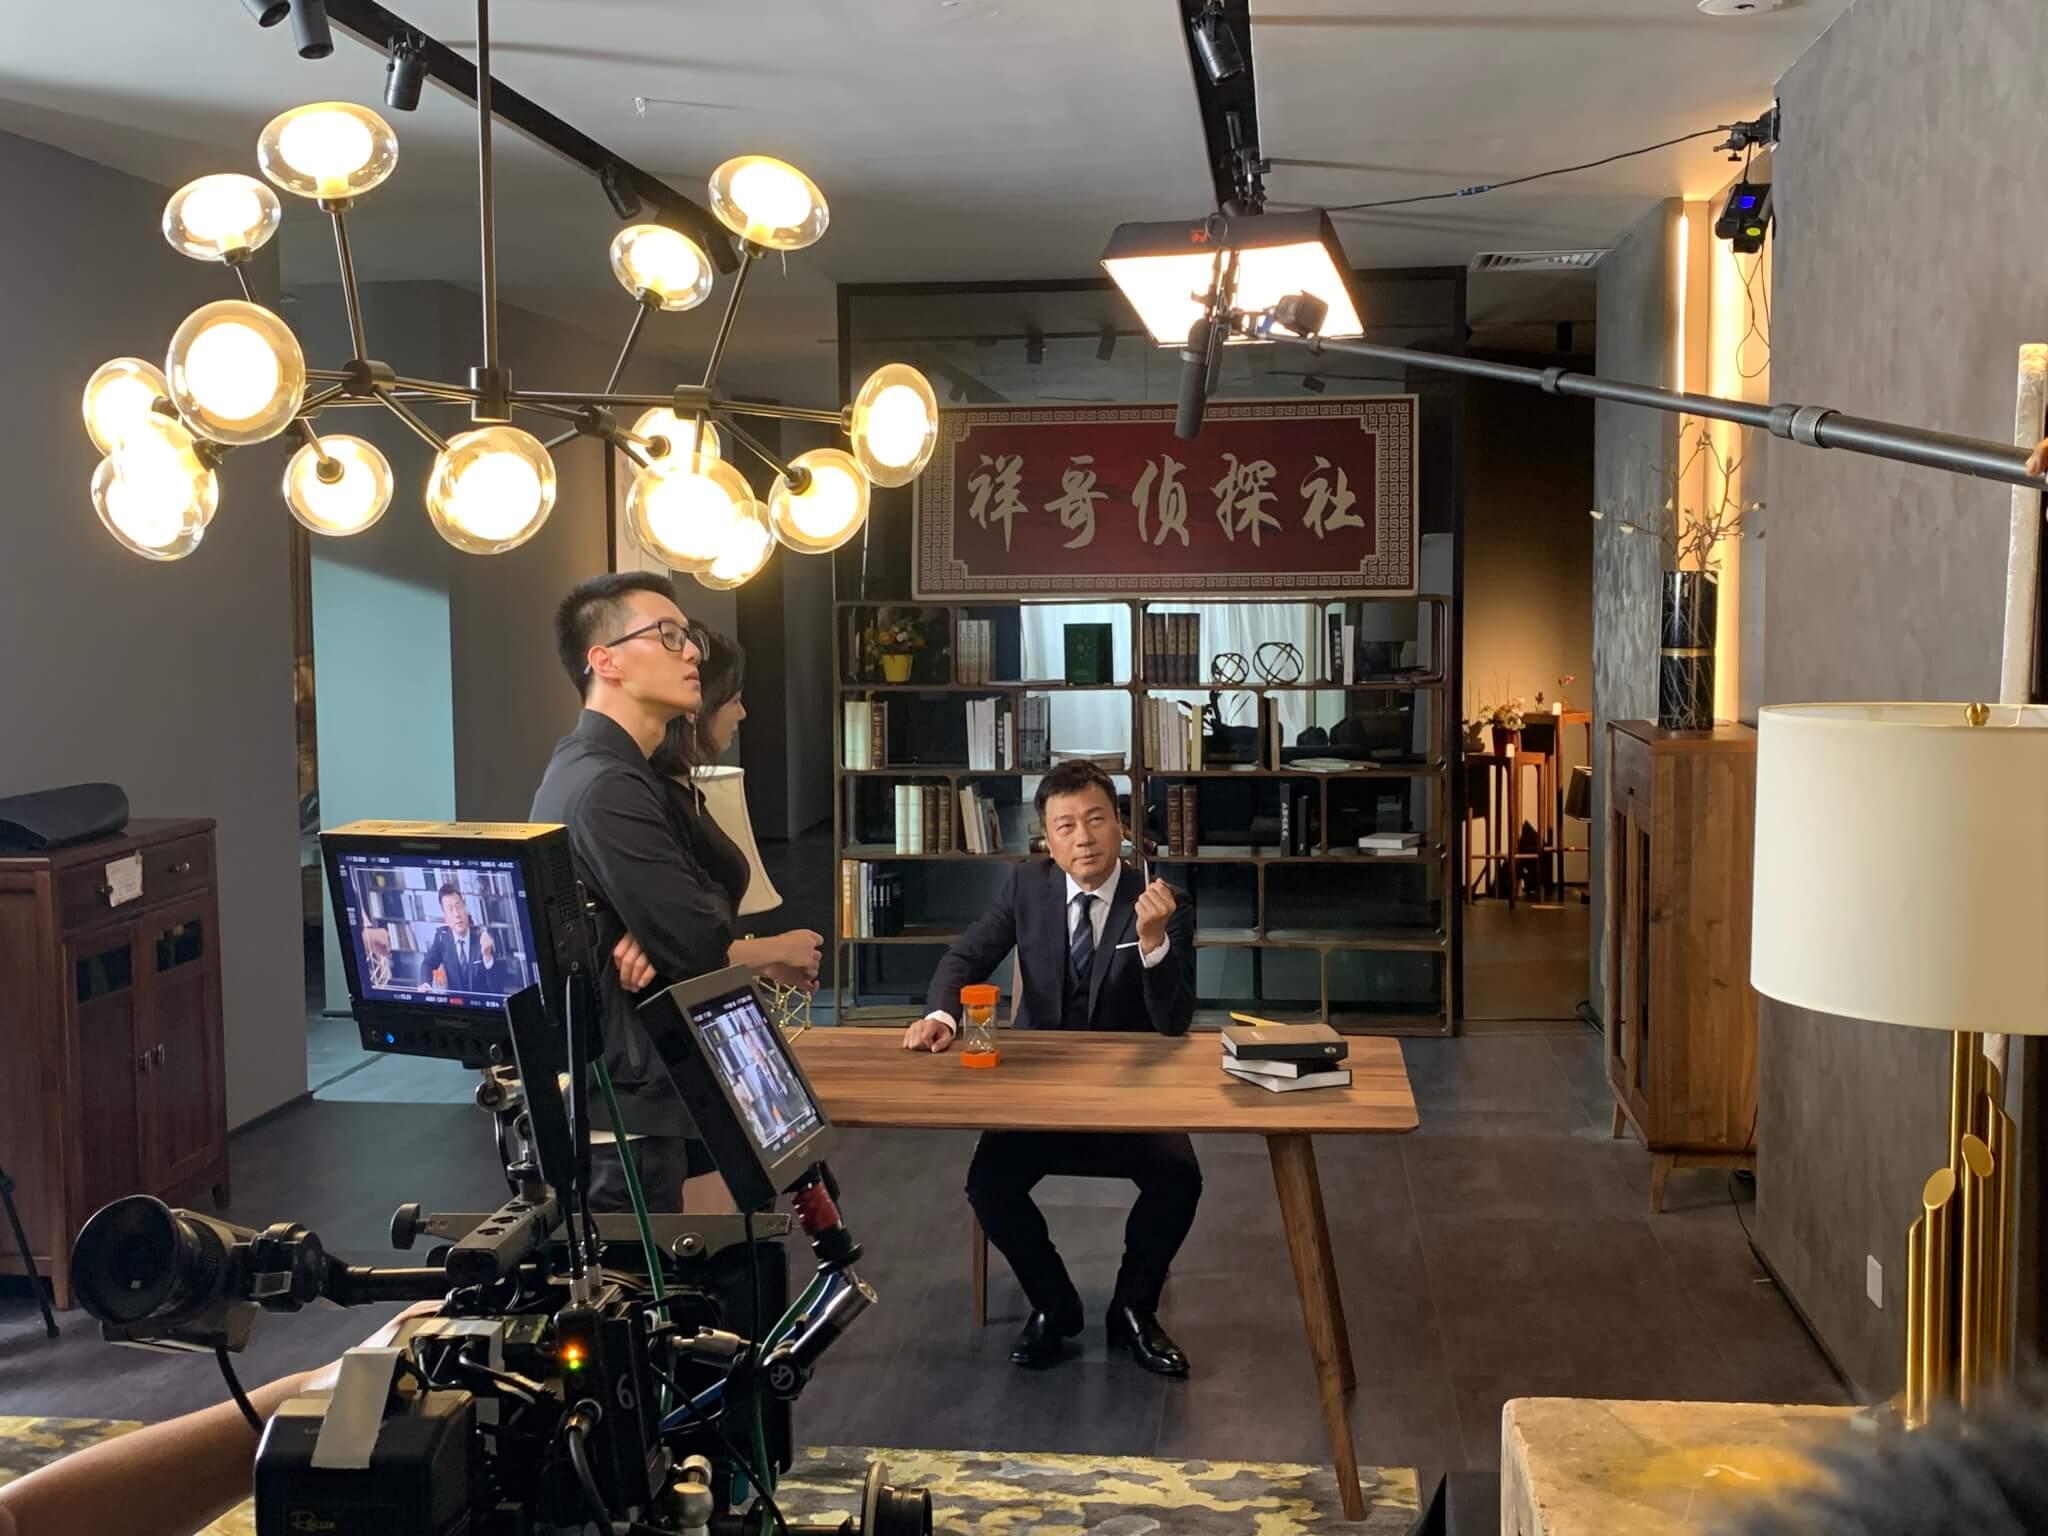 黎耀祥與內地製作公司合作拍攝短視頻,希望嘗試不一樣的工作。